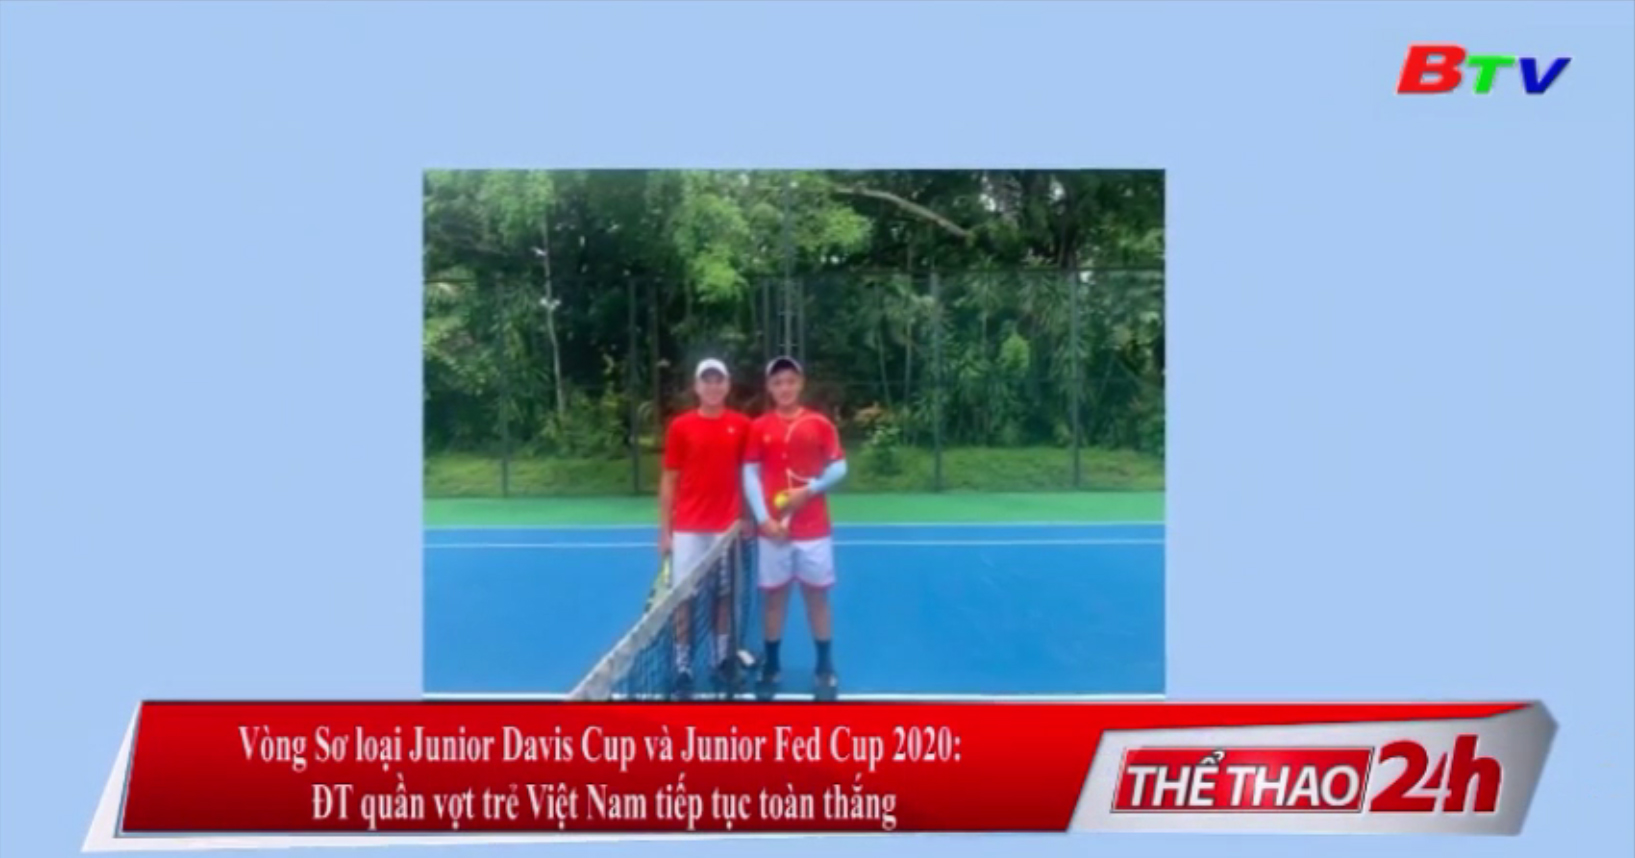 Vòng sơ loại Junior Davis Cup và Junior Fed Cup 2020 – ĐT quần vợt trẻ Việt Nam tiếp tục toàn thắng